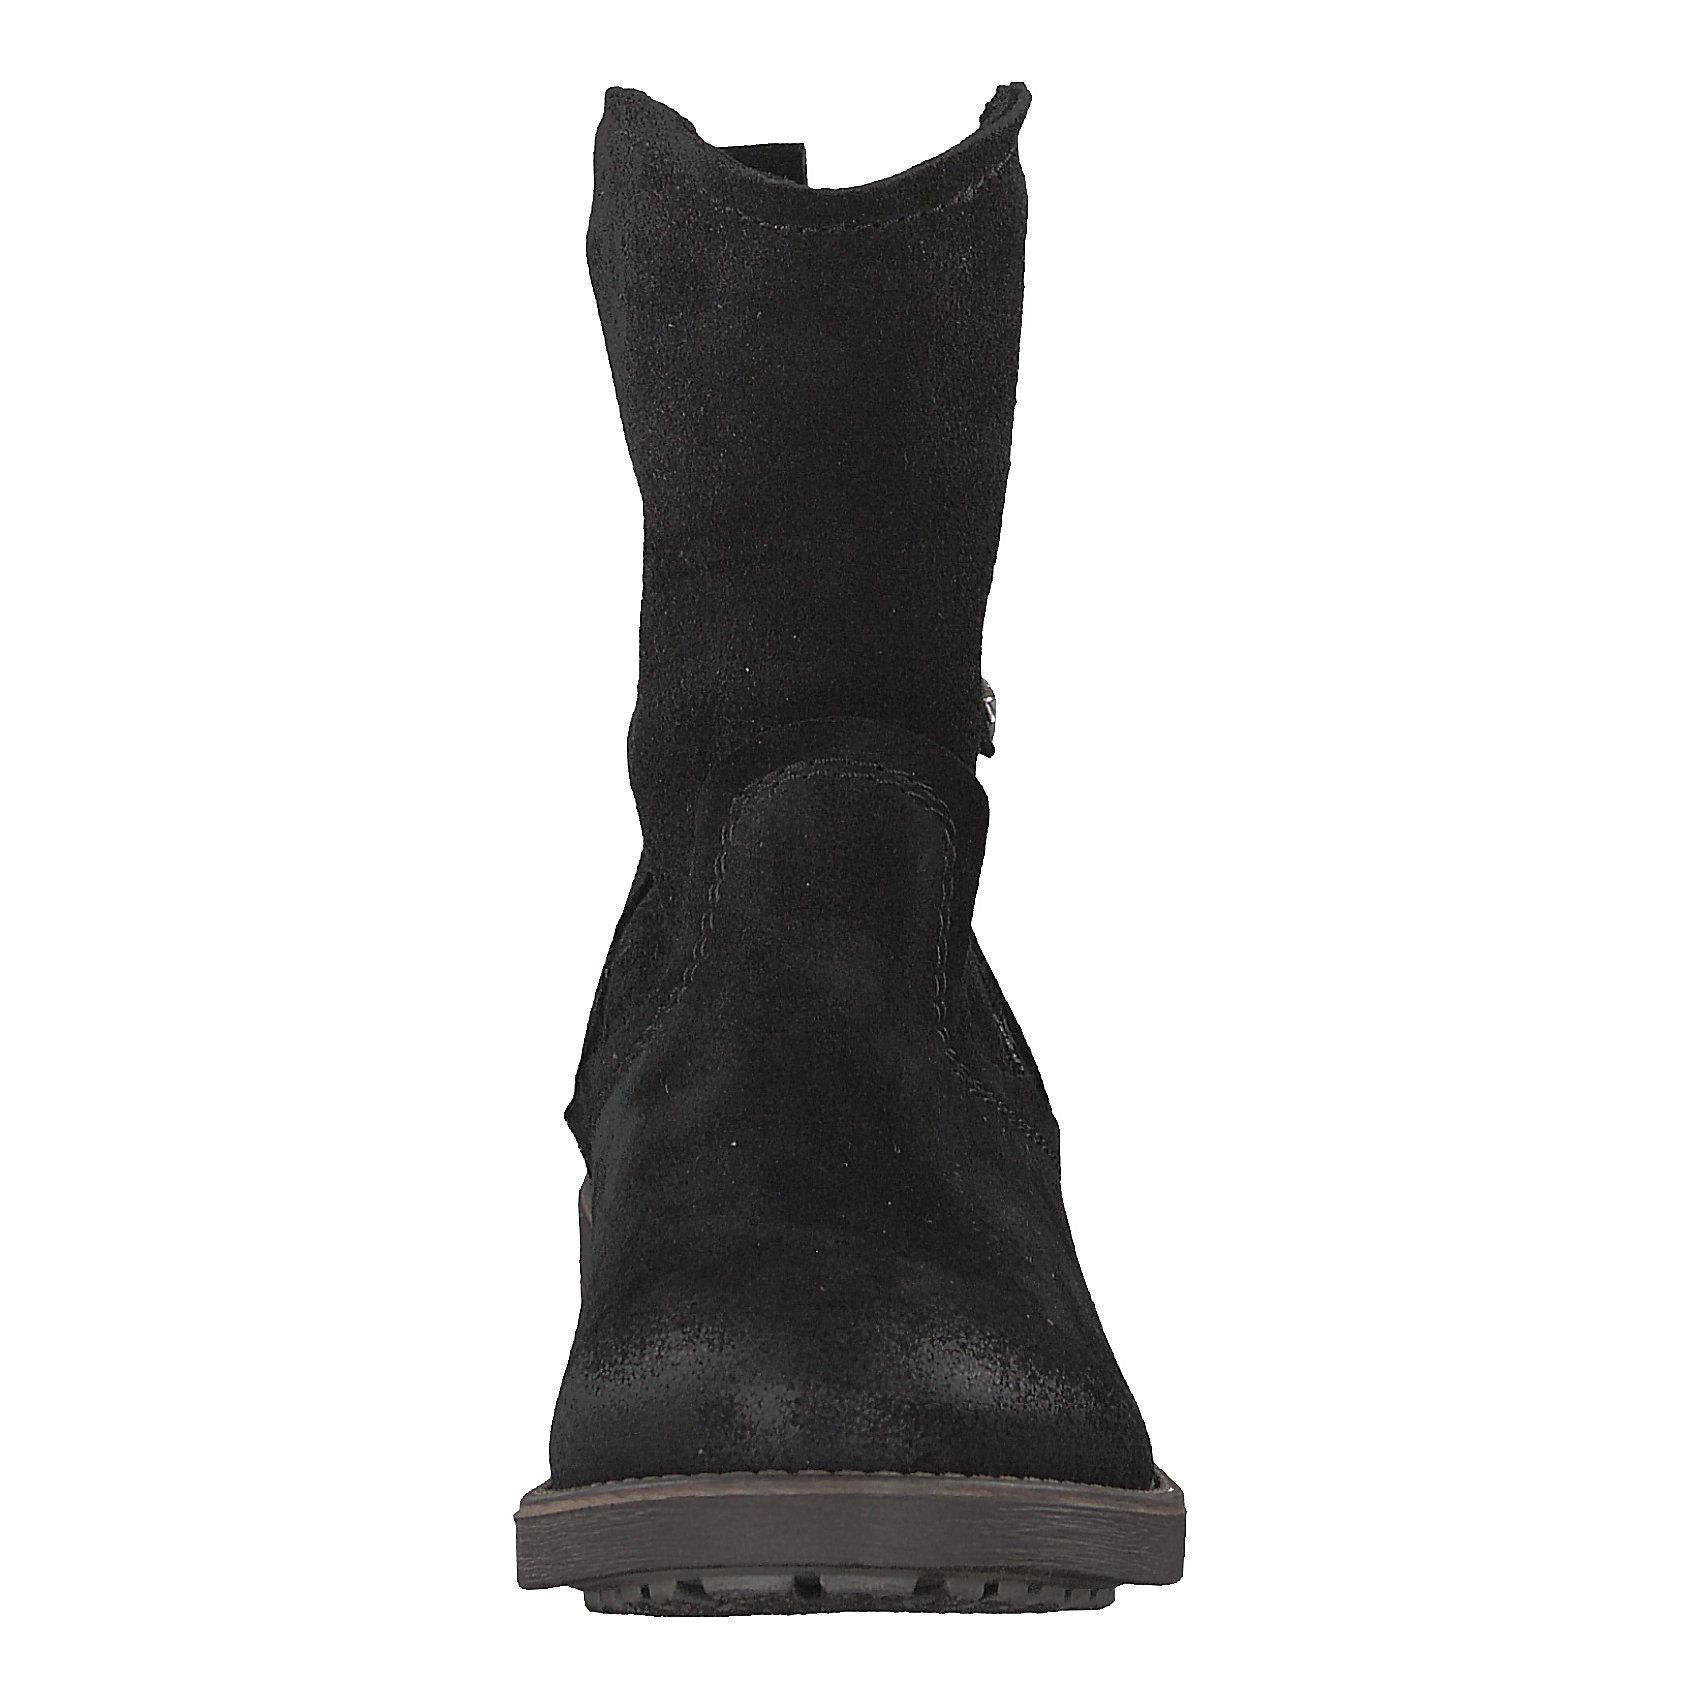 Neu Tamaris Stiefeletten 6881098 für Damen schwarz schwarz schwarz grau 9d9e07